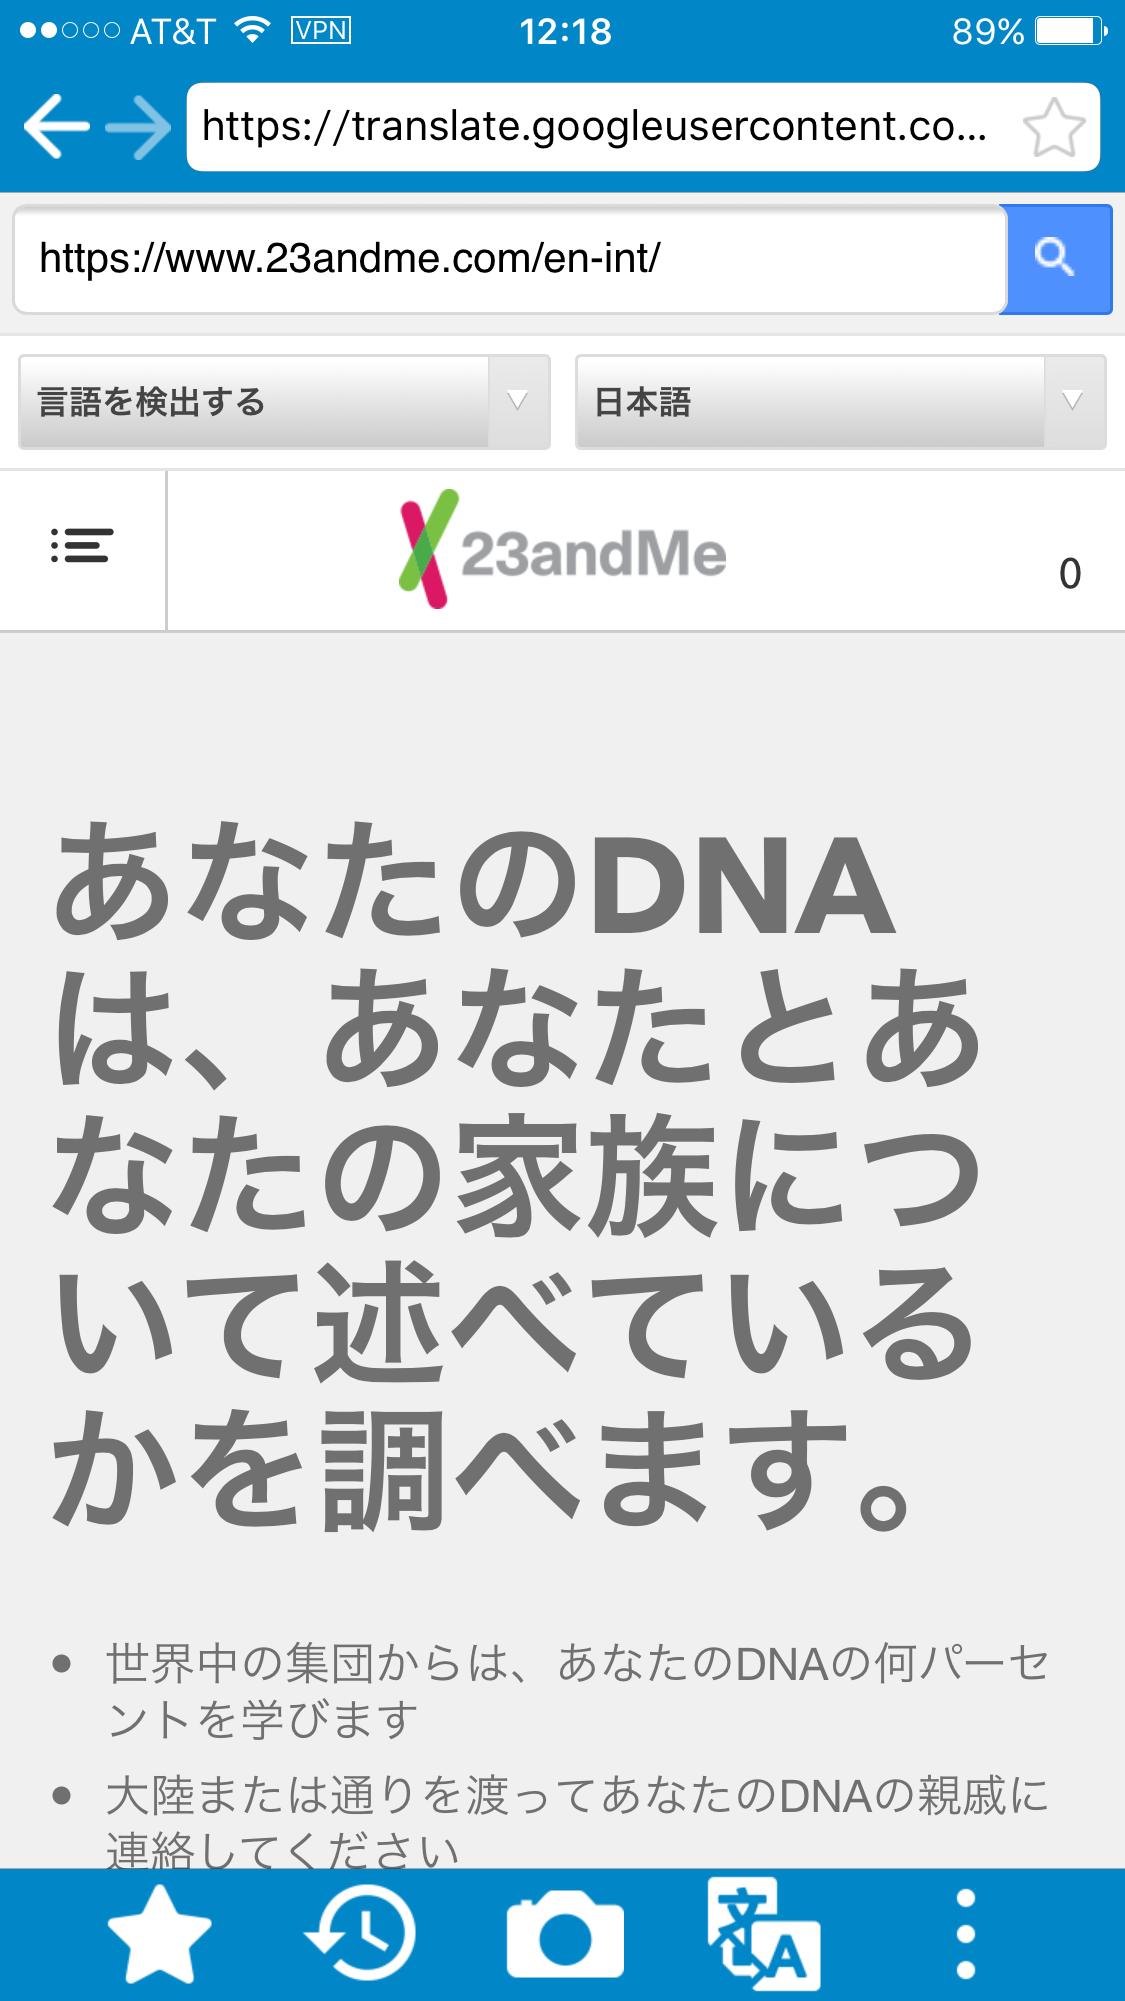 翻訳アイコンをタップすると日本語で読めます。